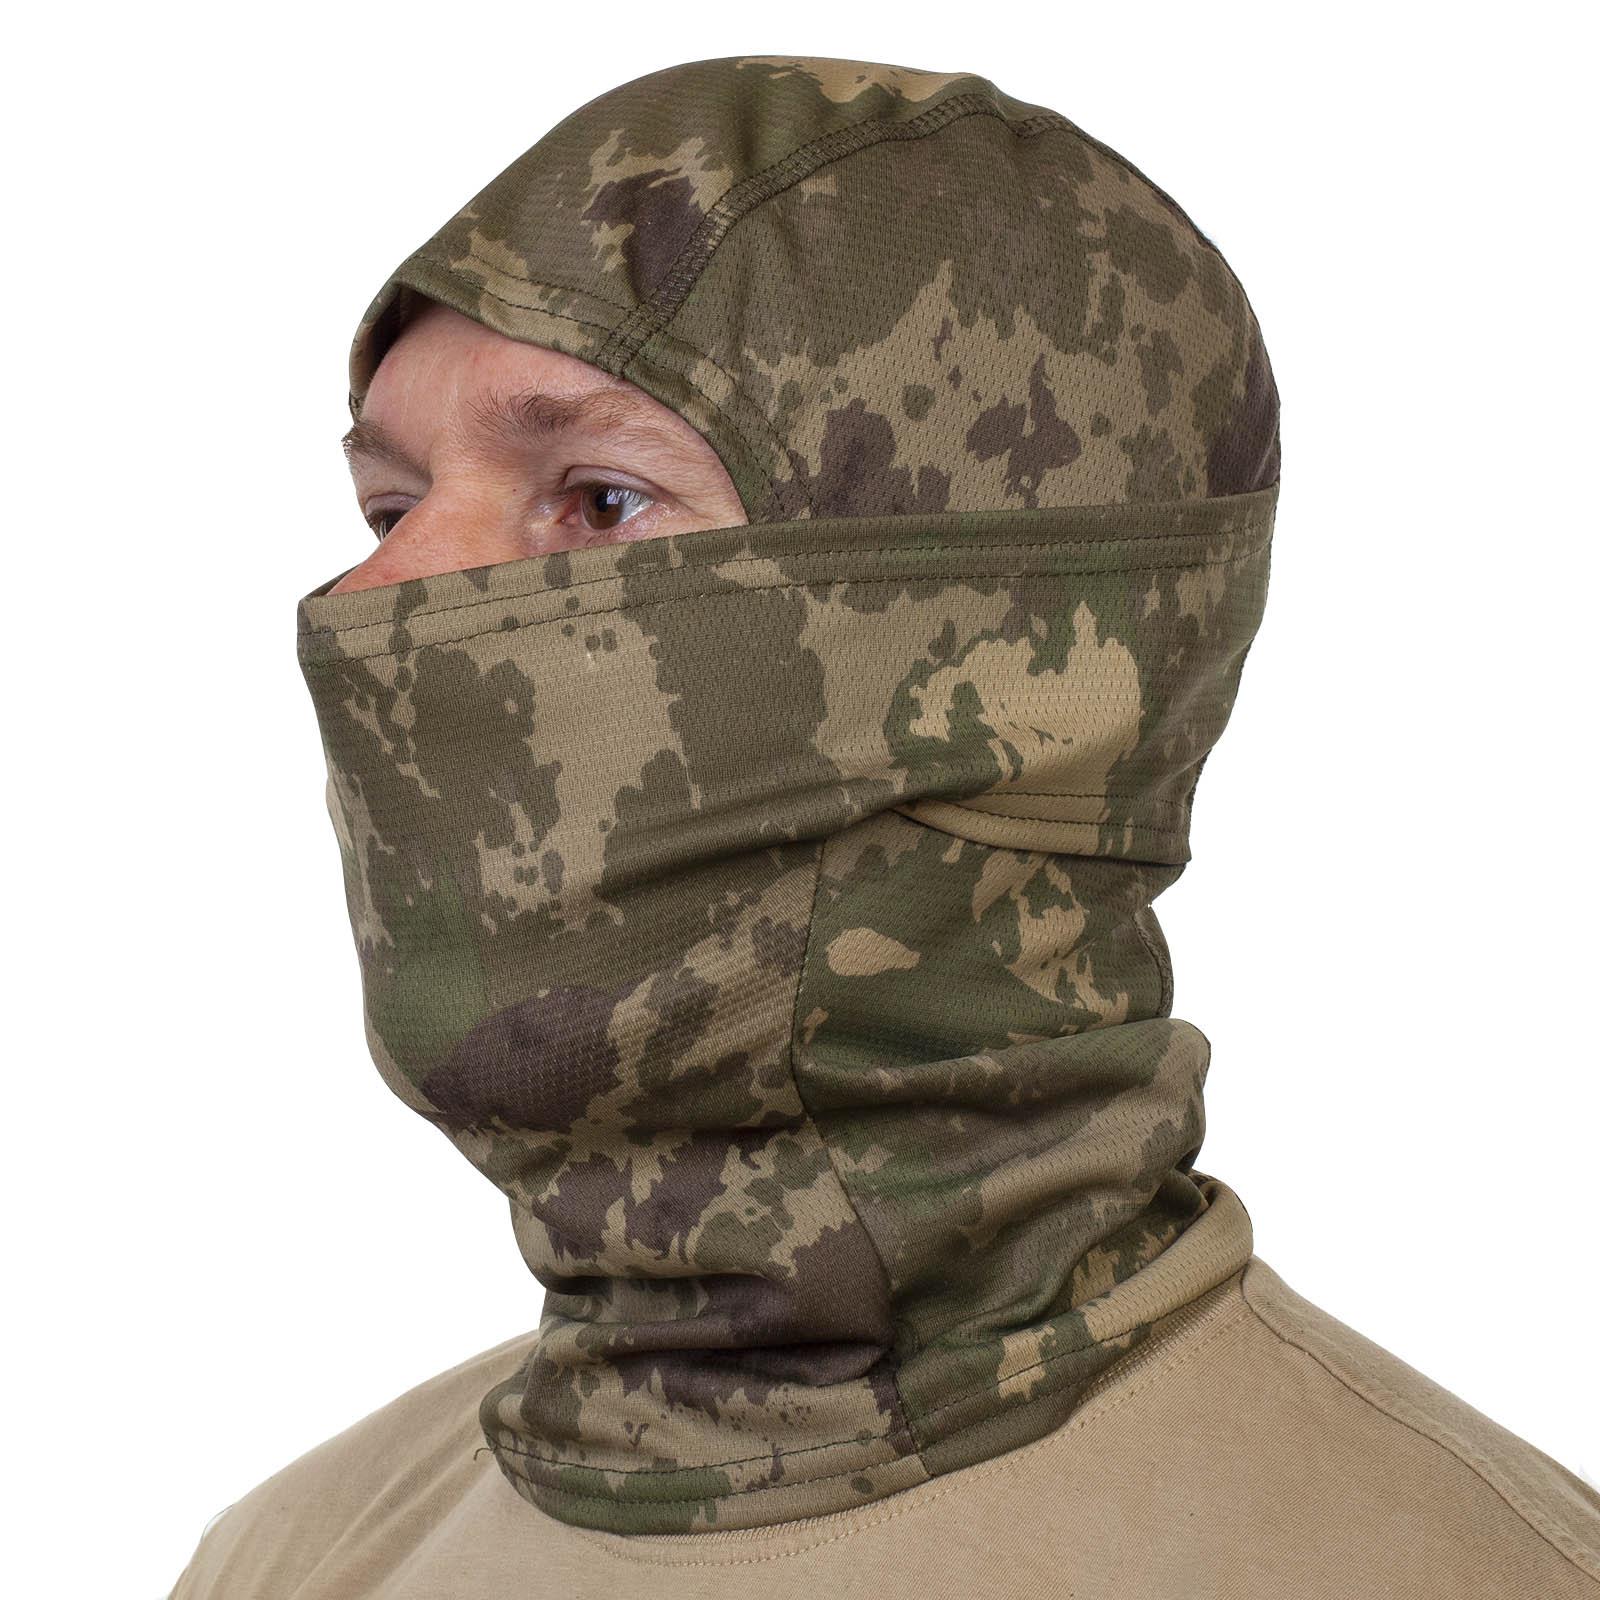 Купить в интернет магазине термомаску для головы и лица